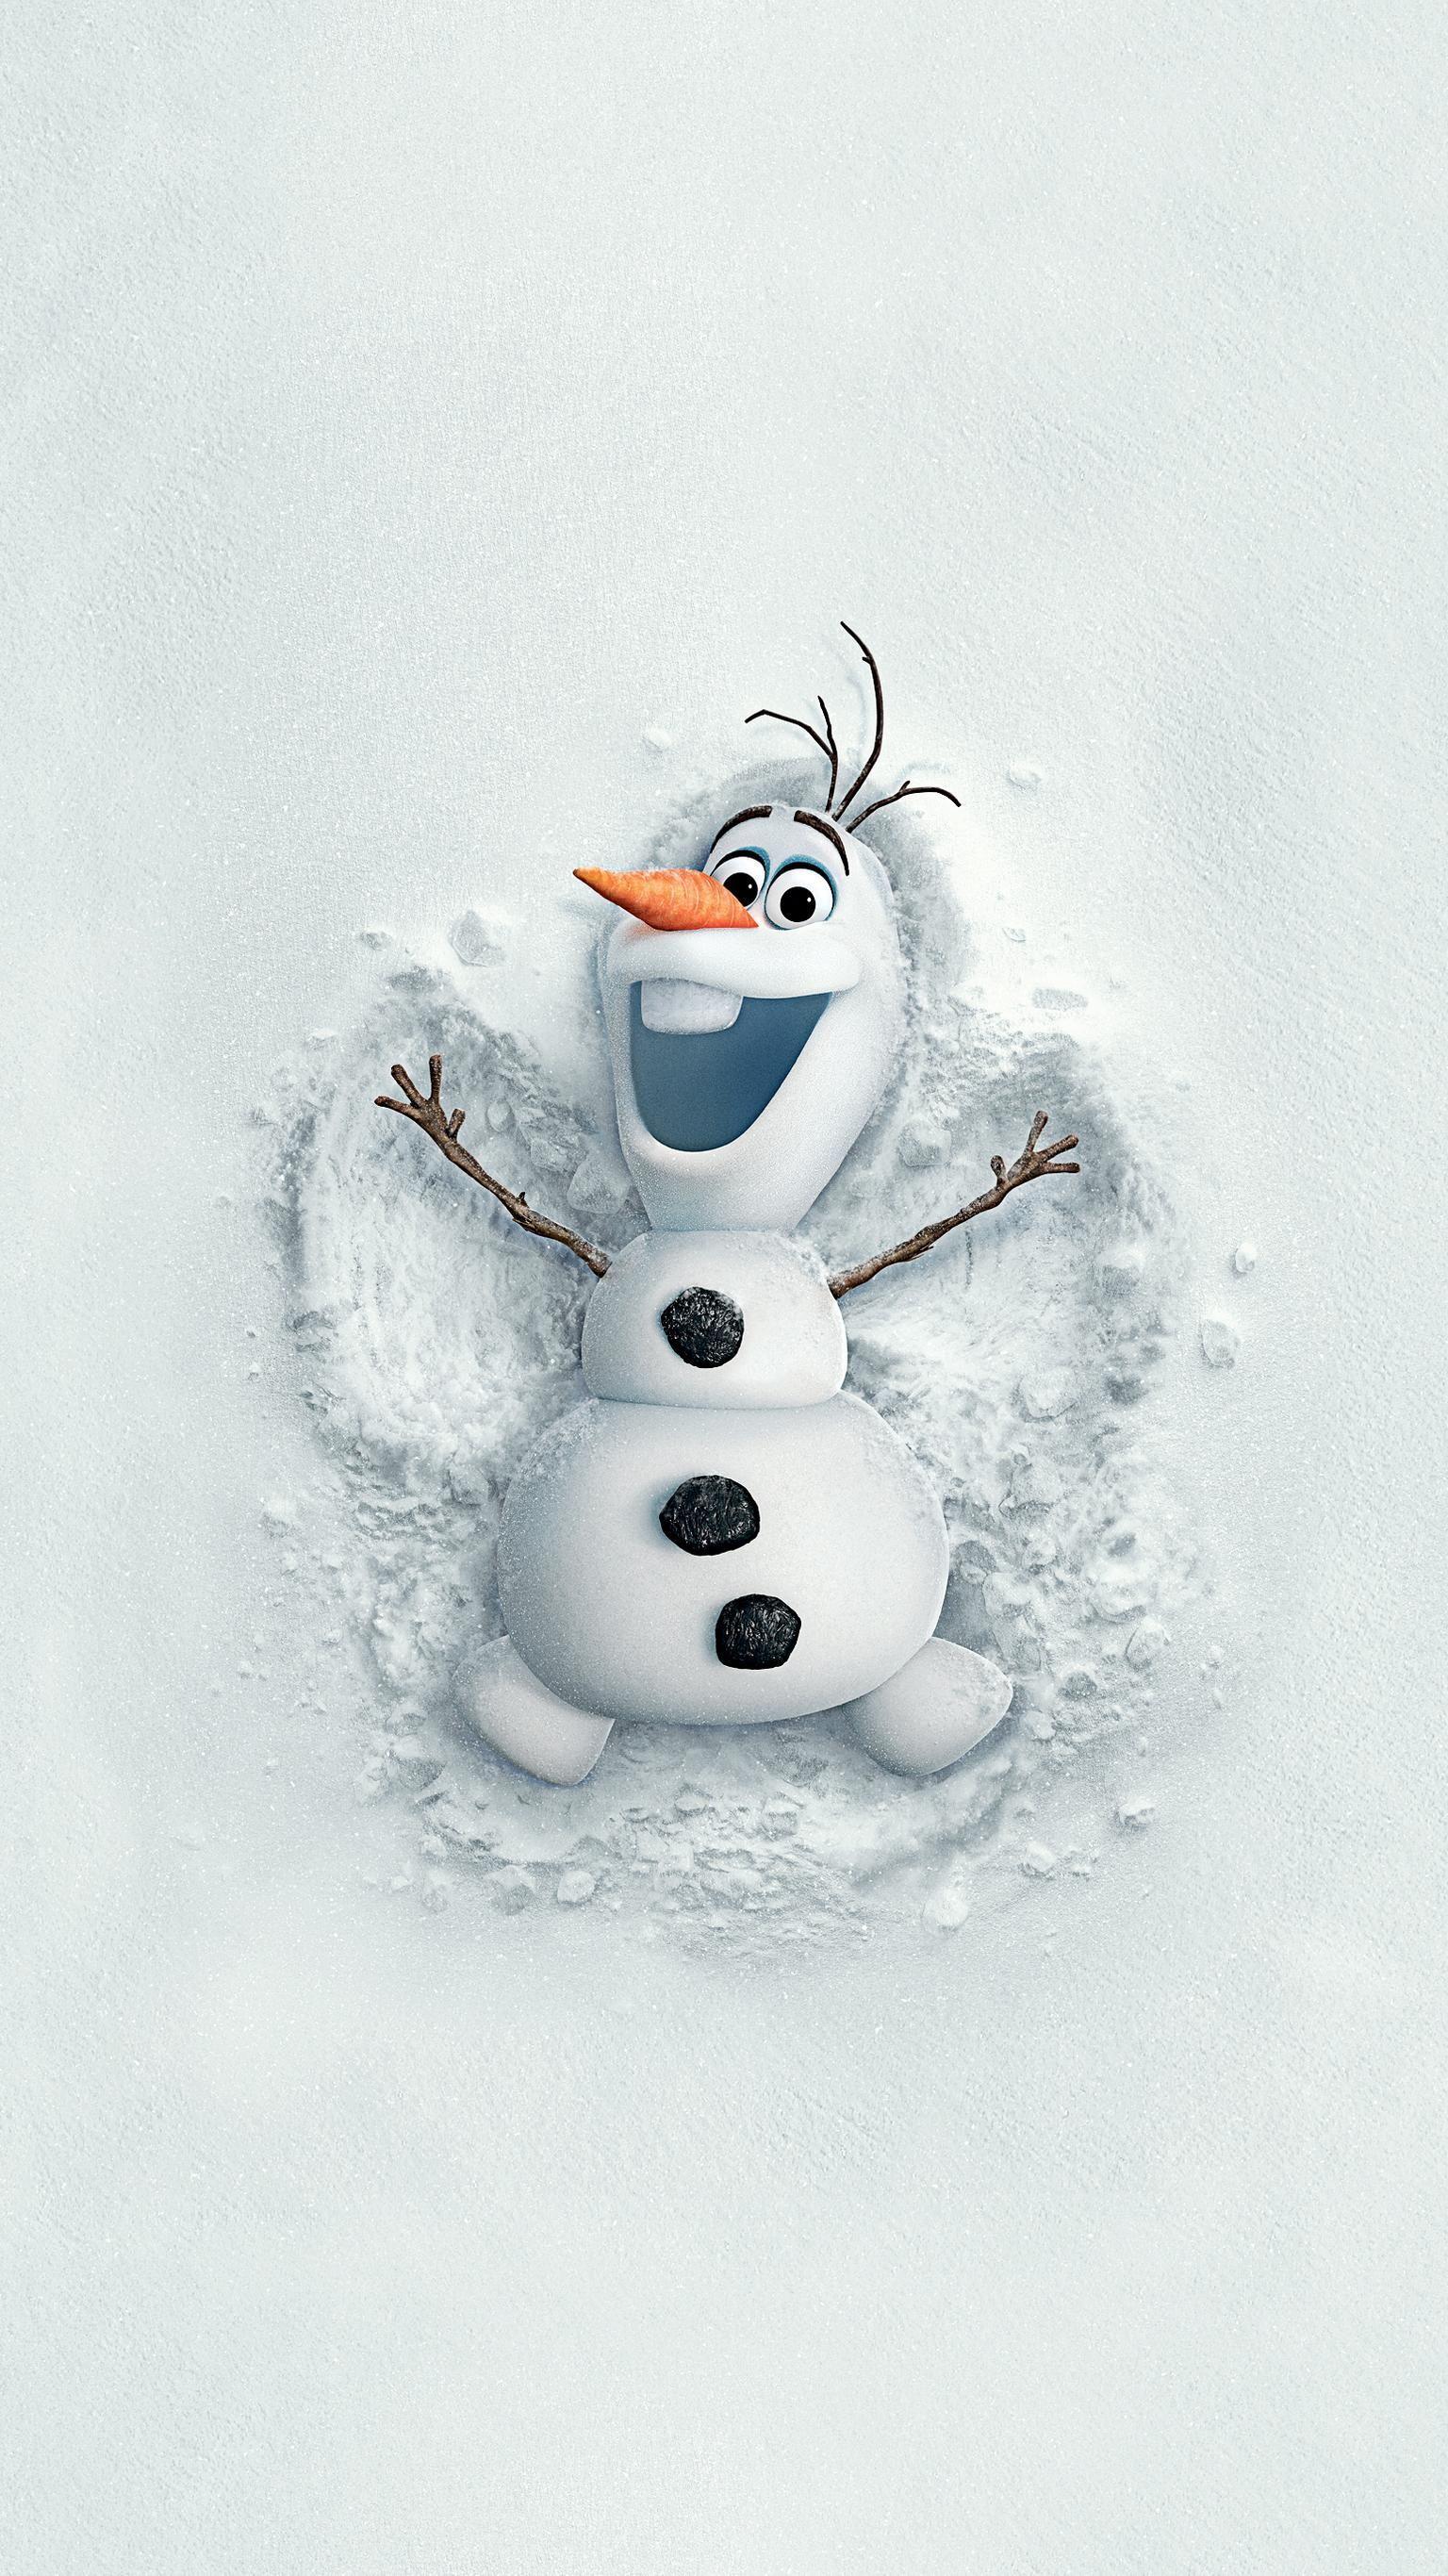 Frozen (2013) Phone Wallpaper ,  #Frozen #funnywallpapers #phone #Wallpaper